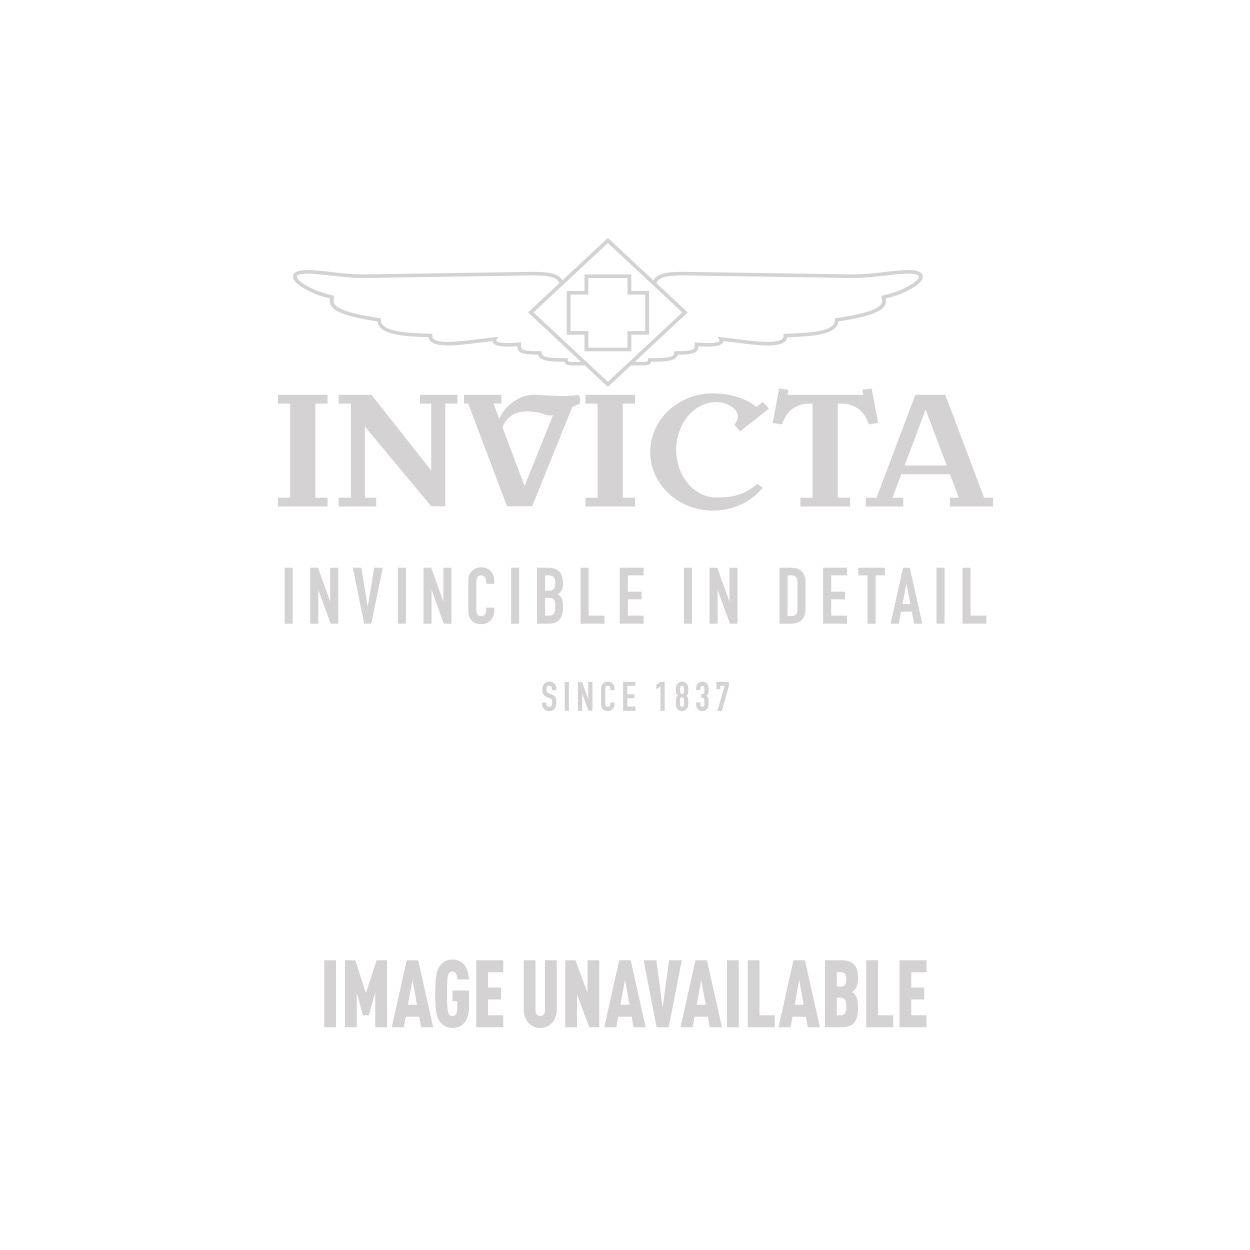 Invicta Model 28398